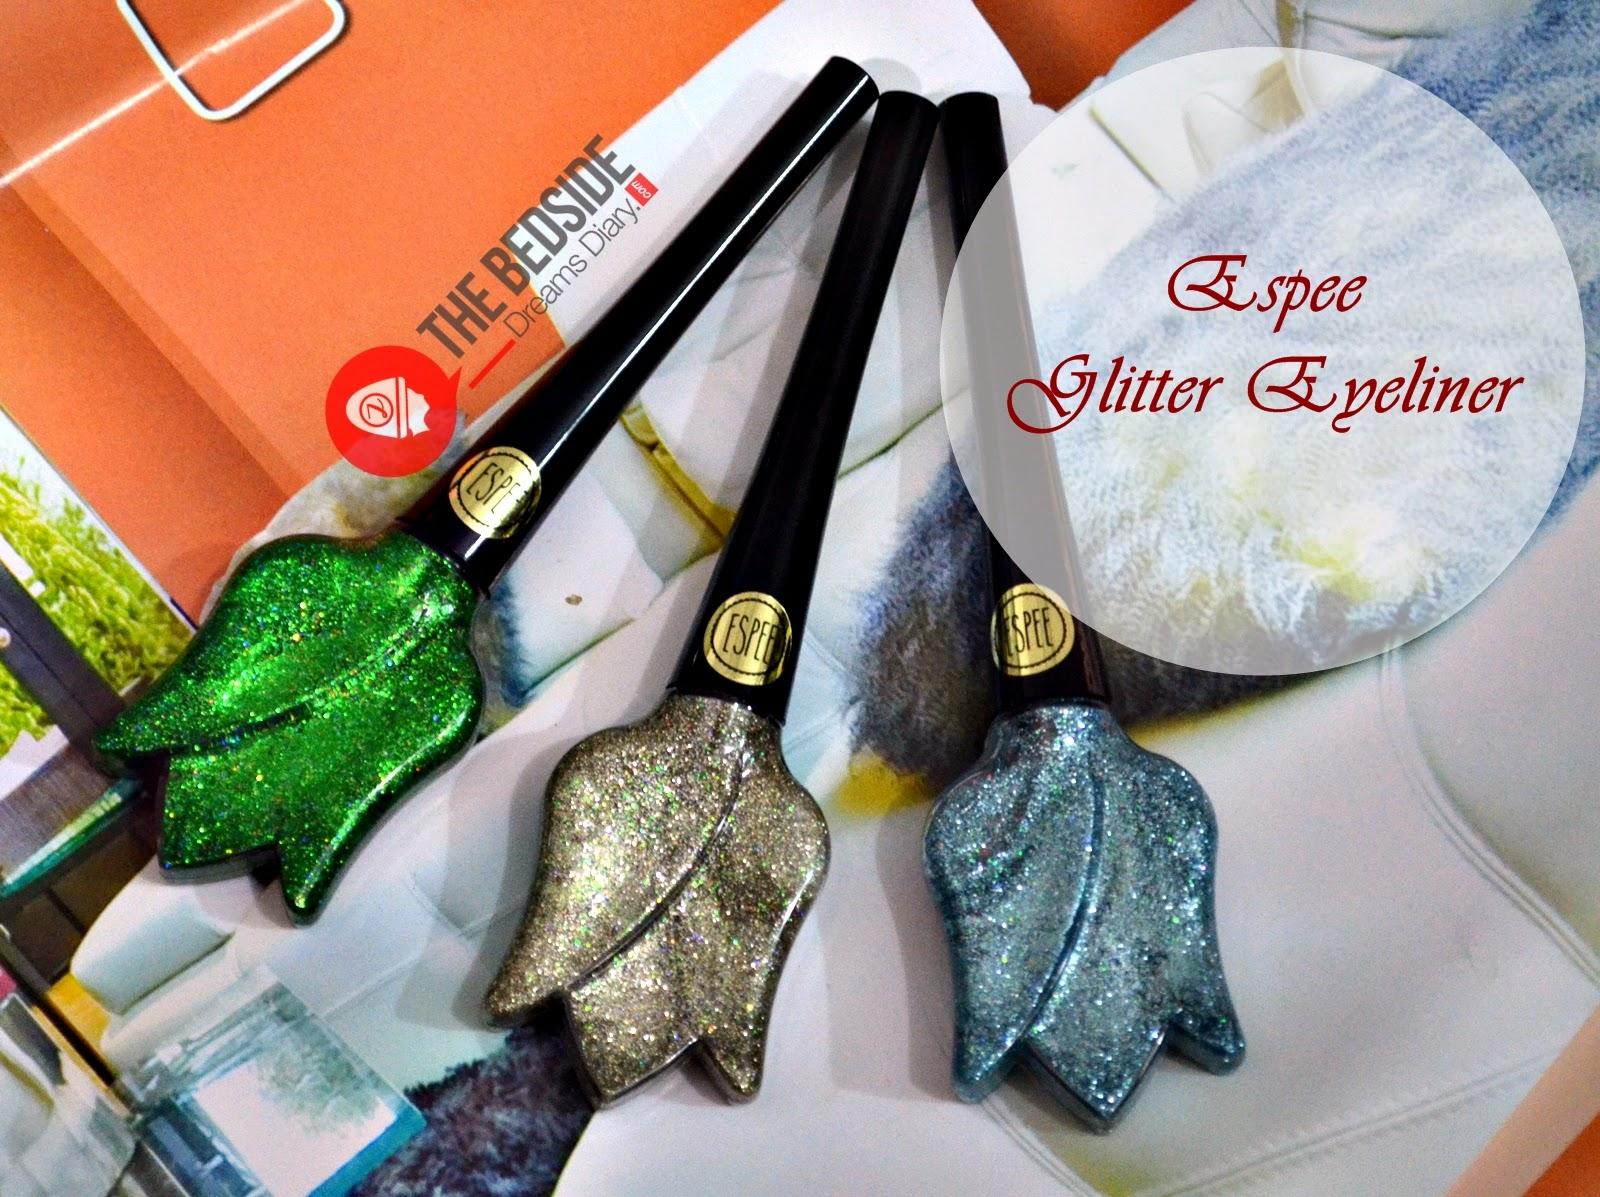 ESPEE Glitter Eyeliner